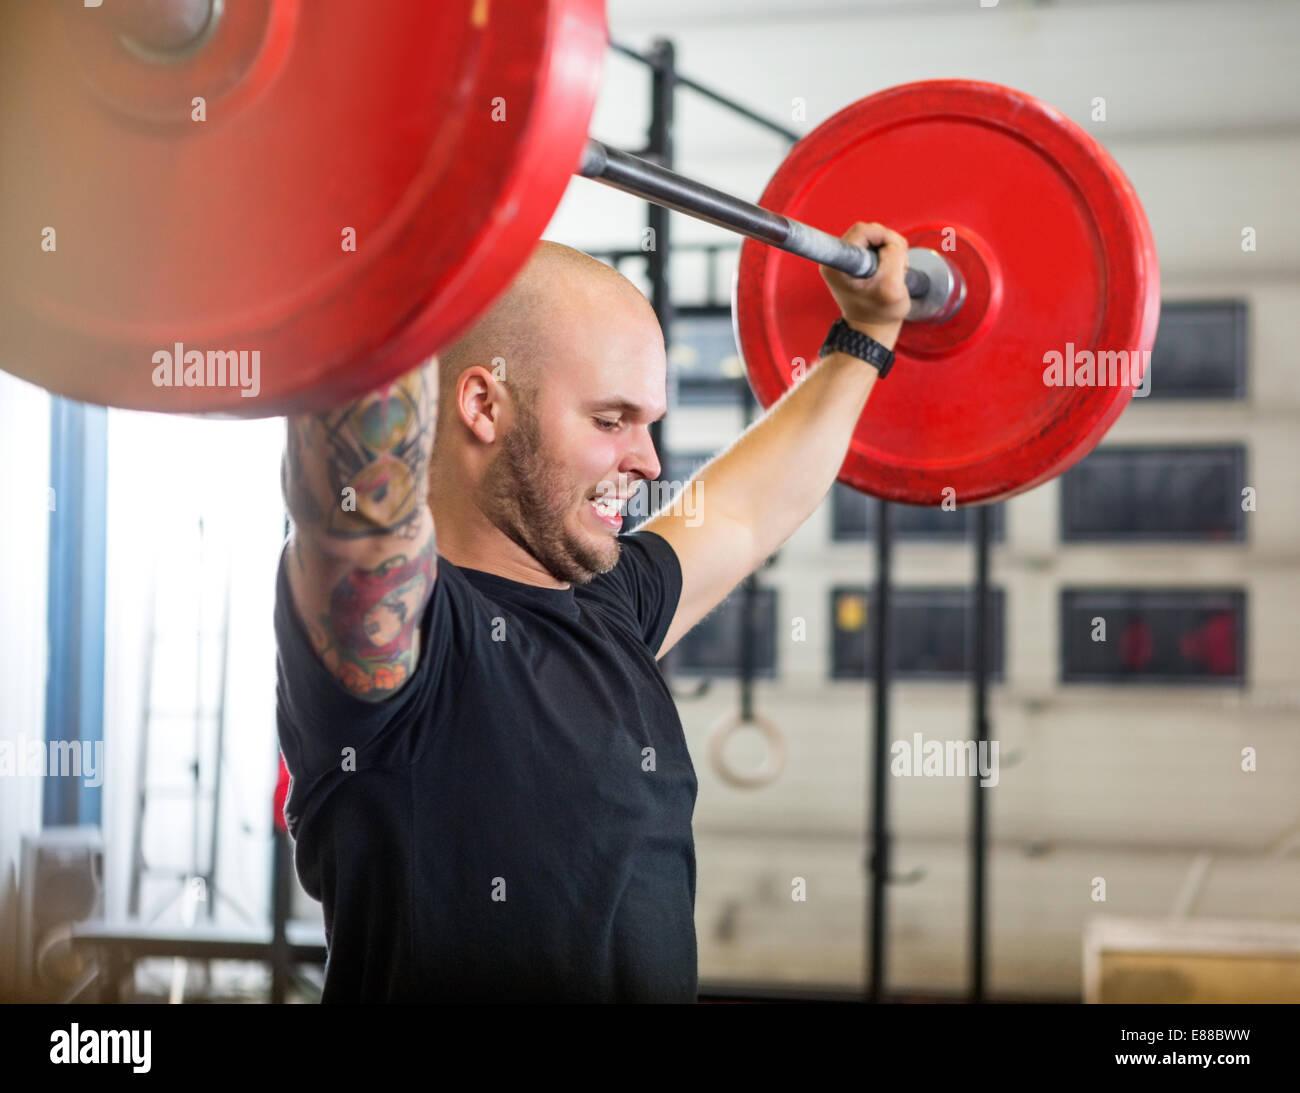 Atleta ejerciendo con barbell en gimnasio Imagen De Stock